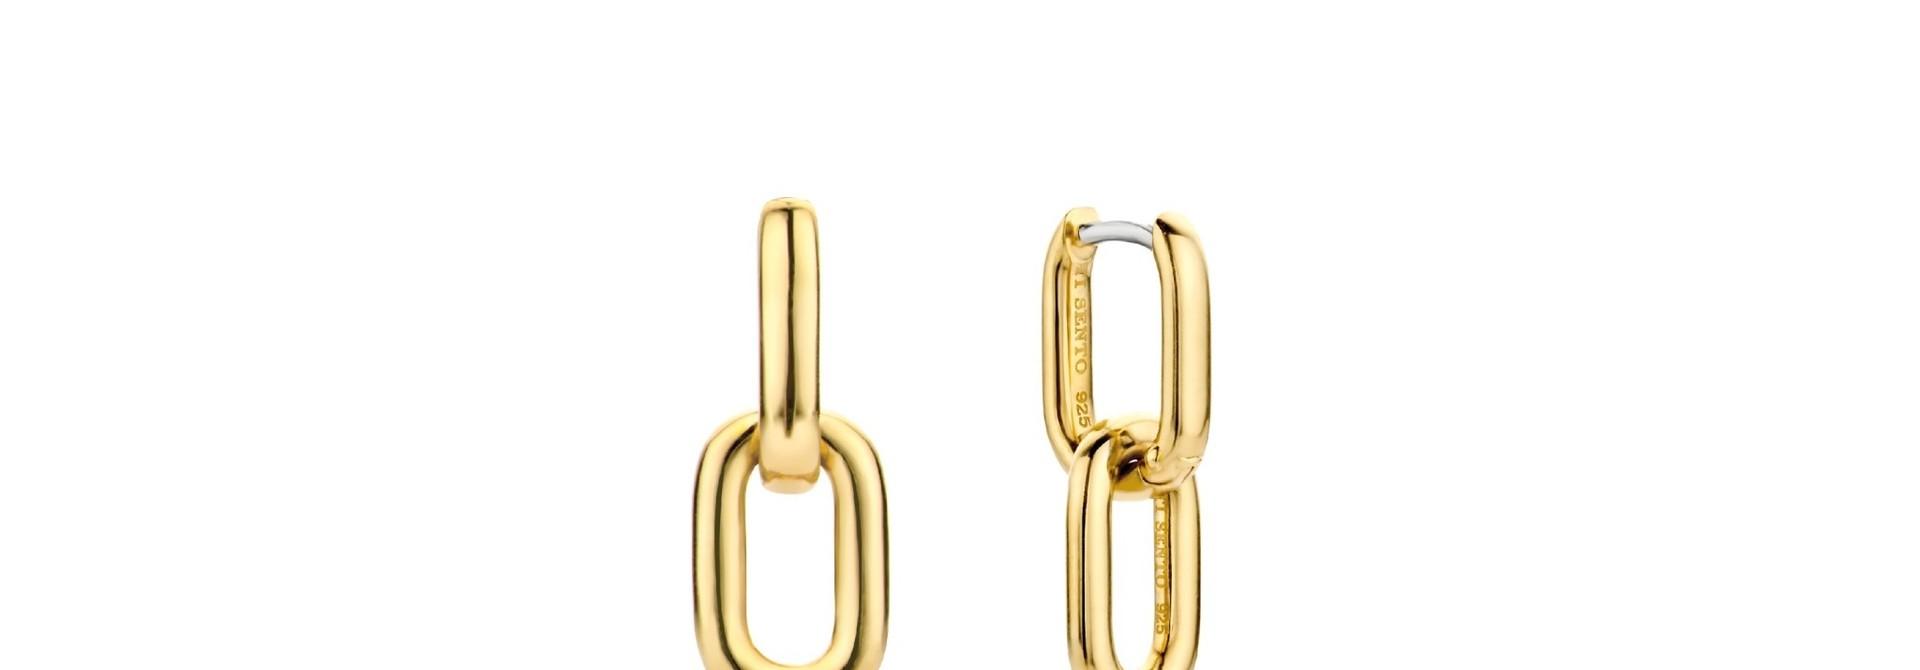 TI SENTO - Milano Earrings 7831SY